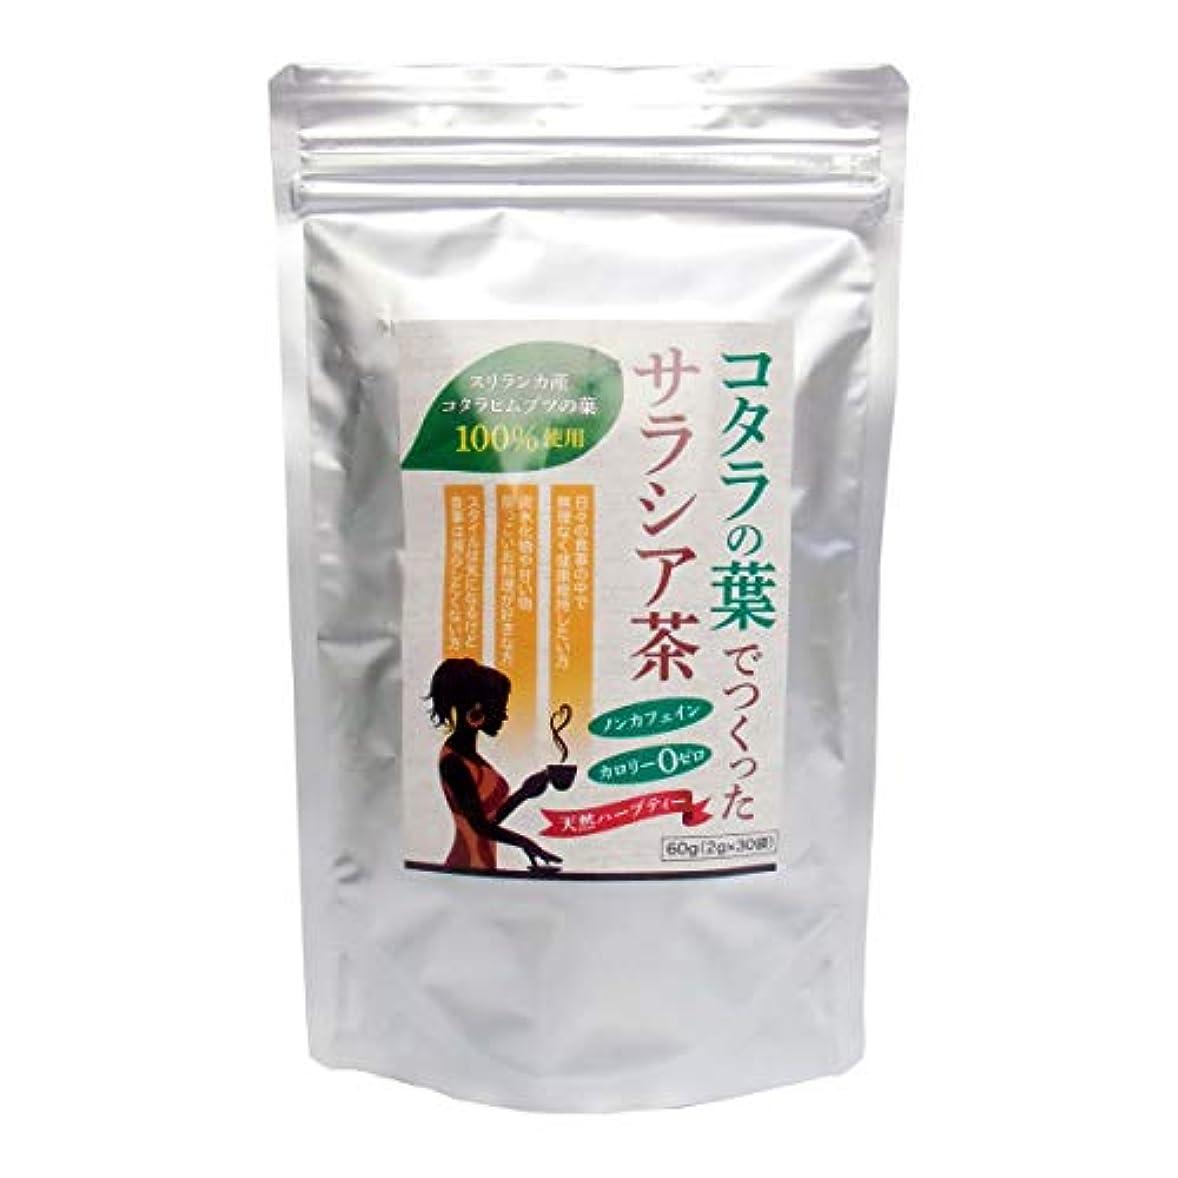 有効テーブルを設定するを必要としています【初回限定お試し価格】コタラの葉でつくったサラシア茶 (茶葉タイプ) 60g (2g×30袋)